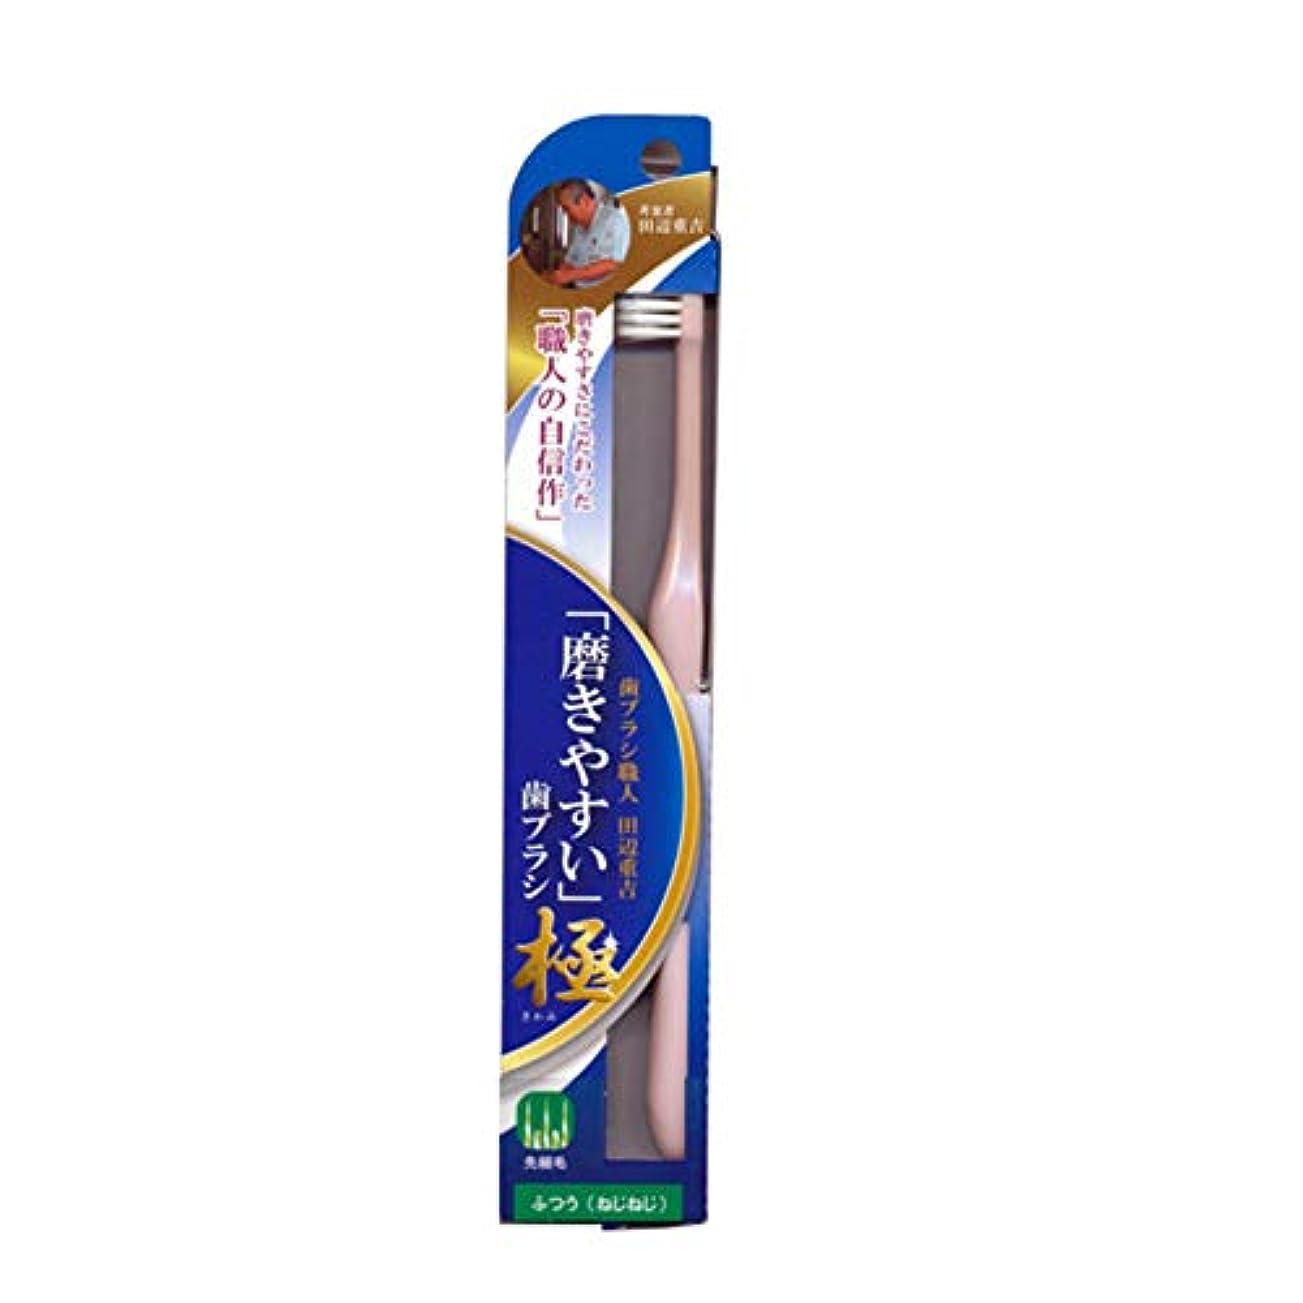 微妙スピーカー段階磨きやすい歯ブラシ極 (ふつう ねじねじ) LT-45 先細毛(色選択不可)